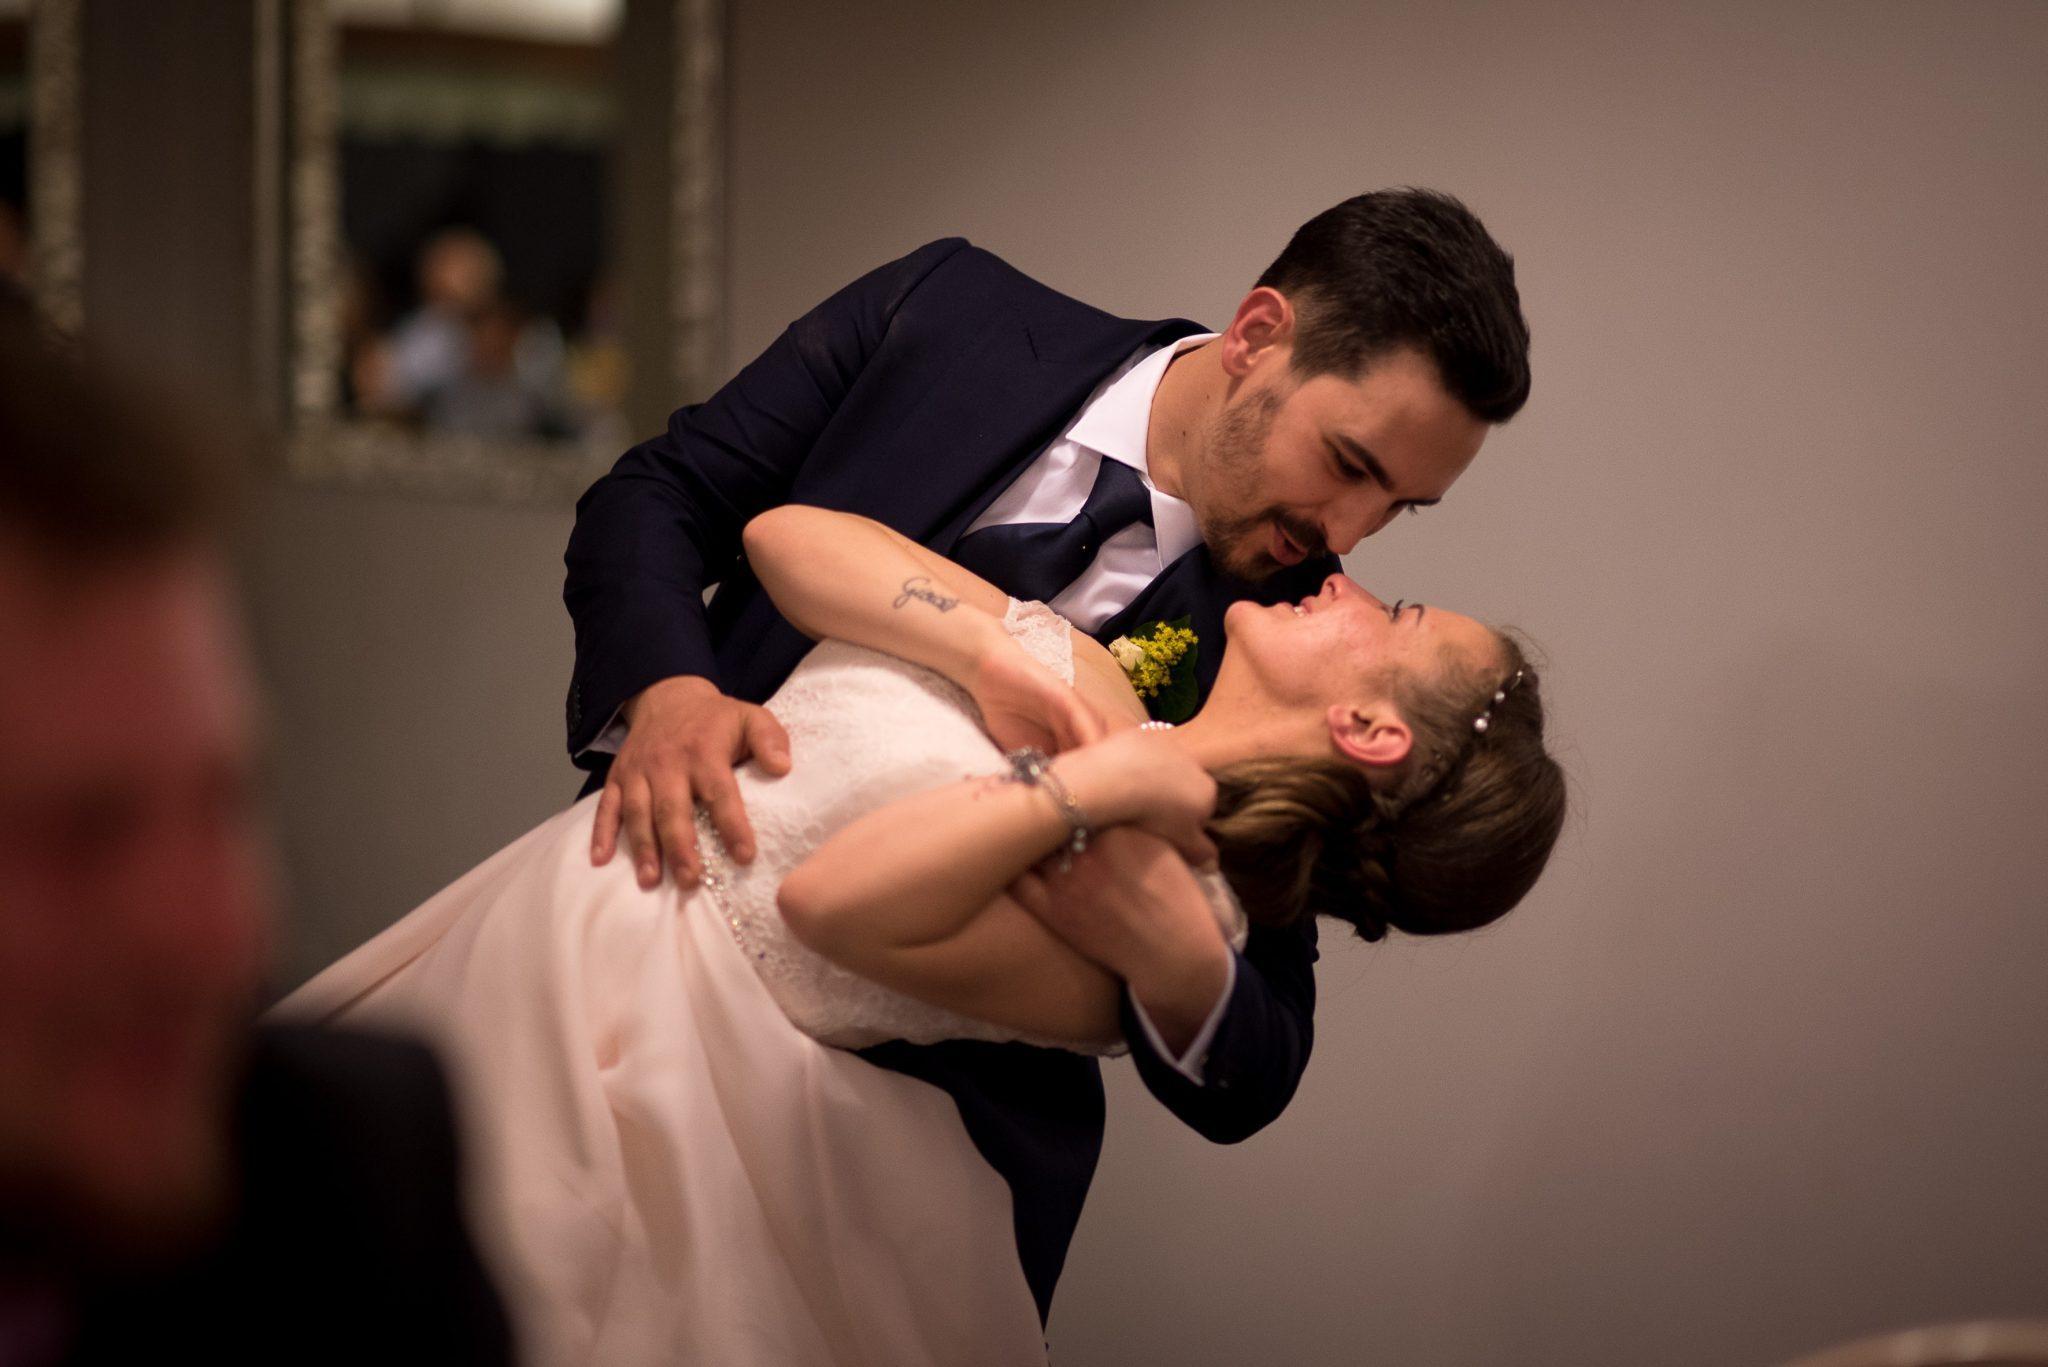 gli sposi si scambiano sguardi mentre ballano al ricevimento del matrimonio